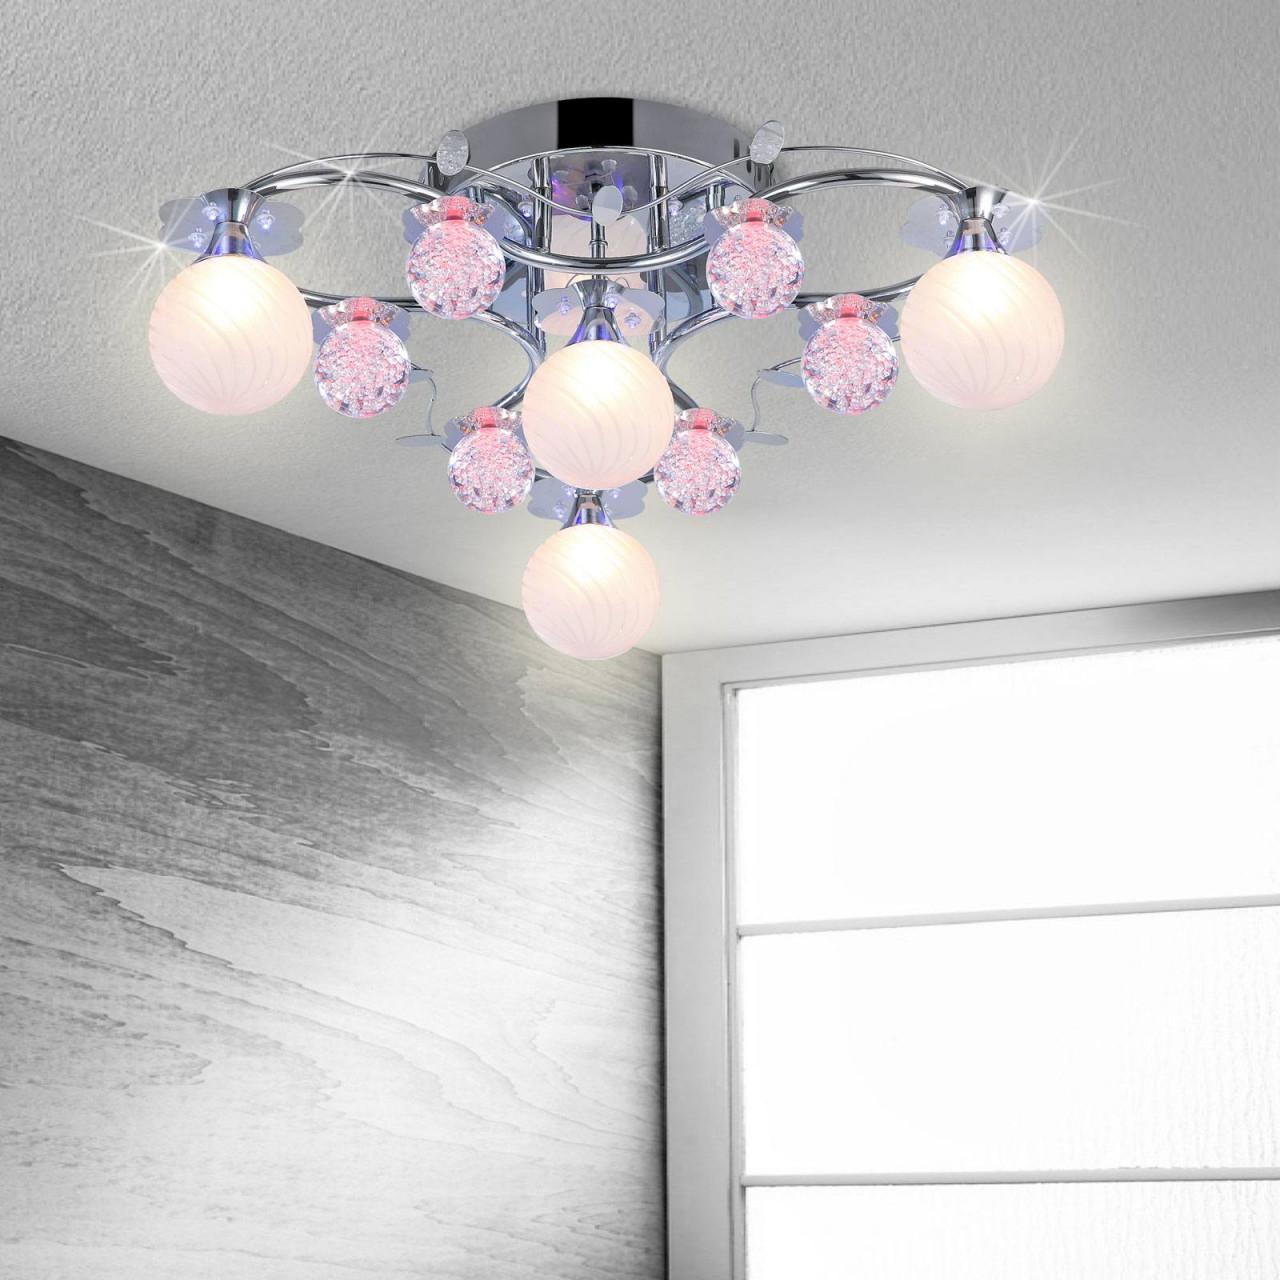 Led Deckenlampe Wohnzimmer Schlafzimmer Leuchte Farbwechsel 4 Flammig von Deckenlampe Led Wohnzimmer Photo